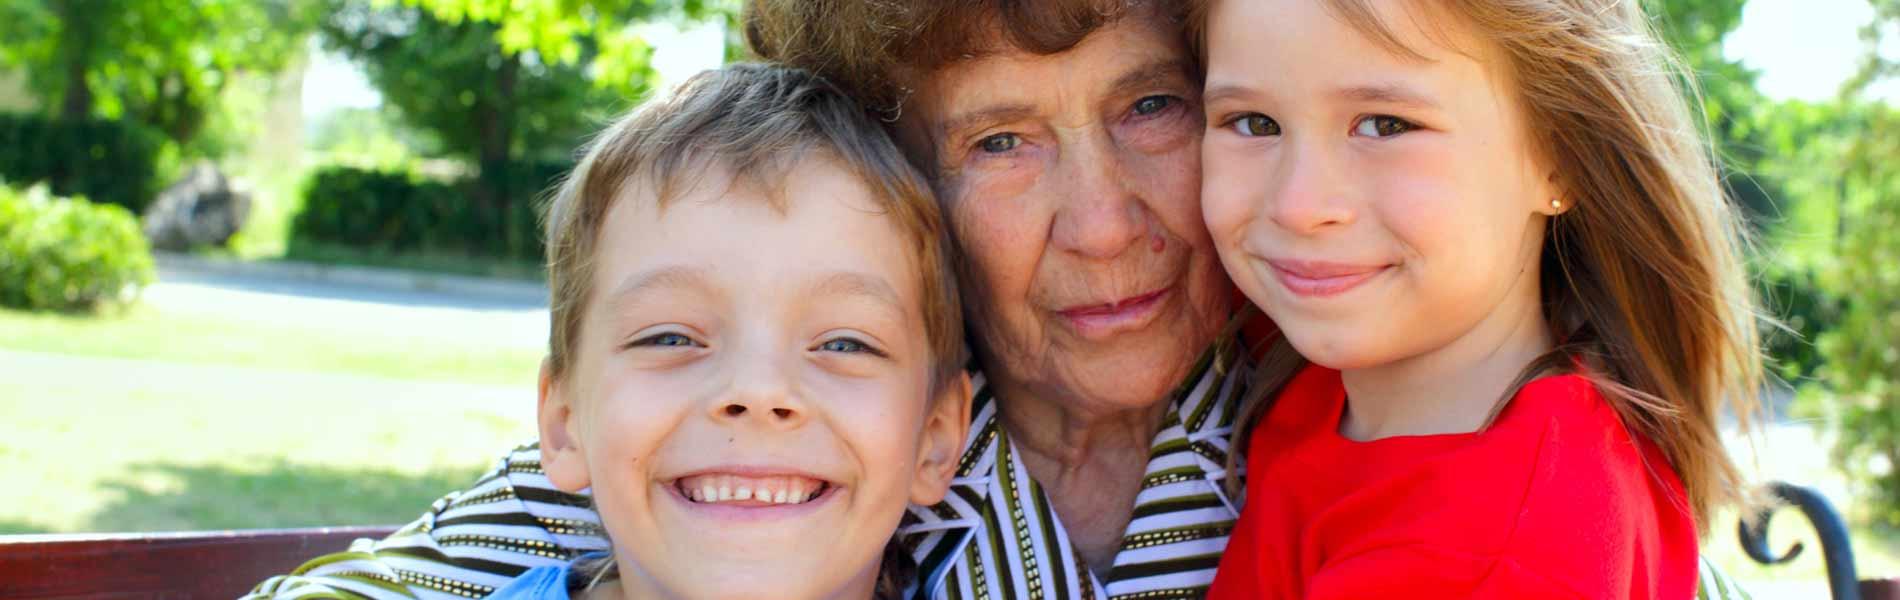 Vos souvenirs de famille avec les enfants